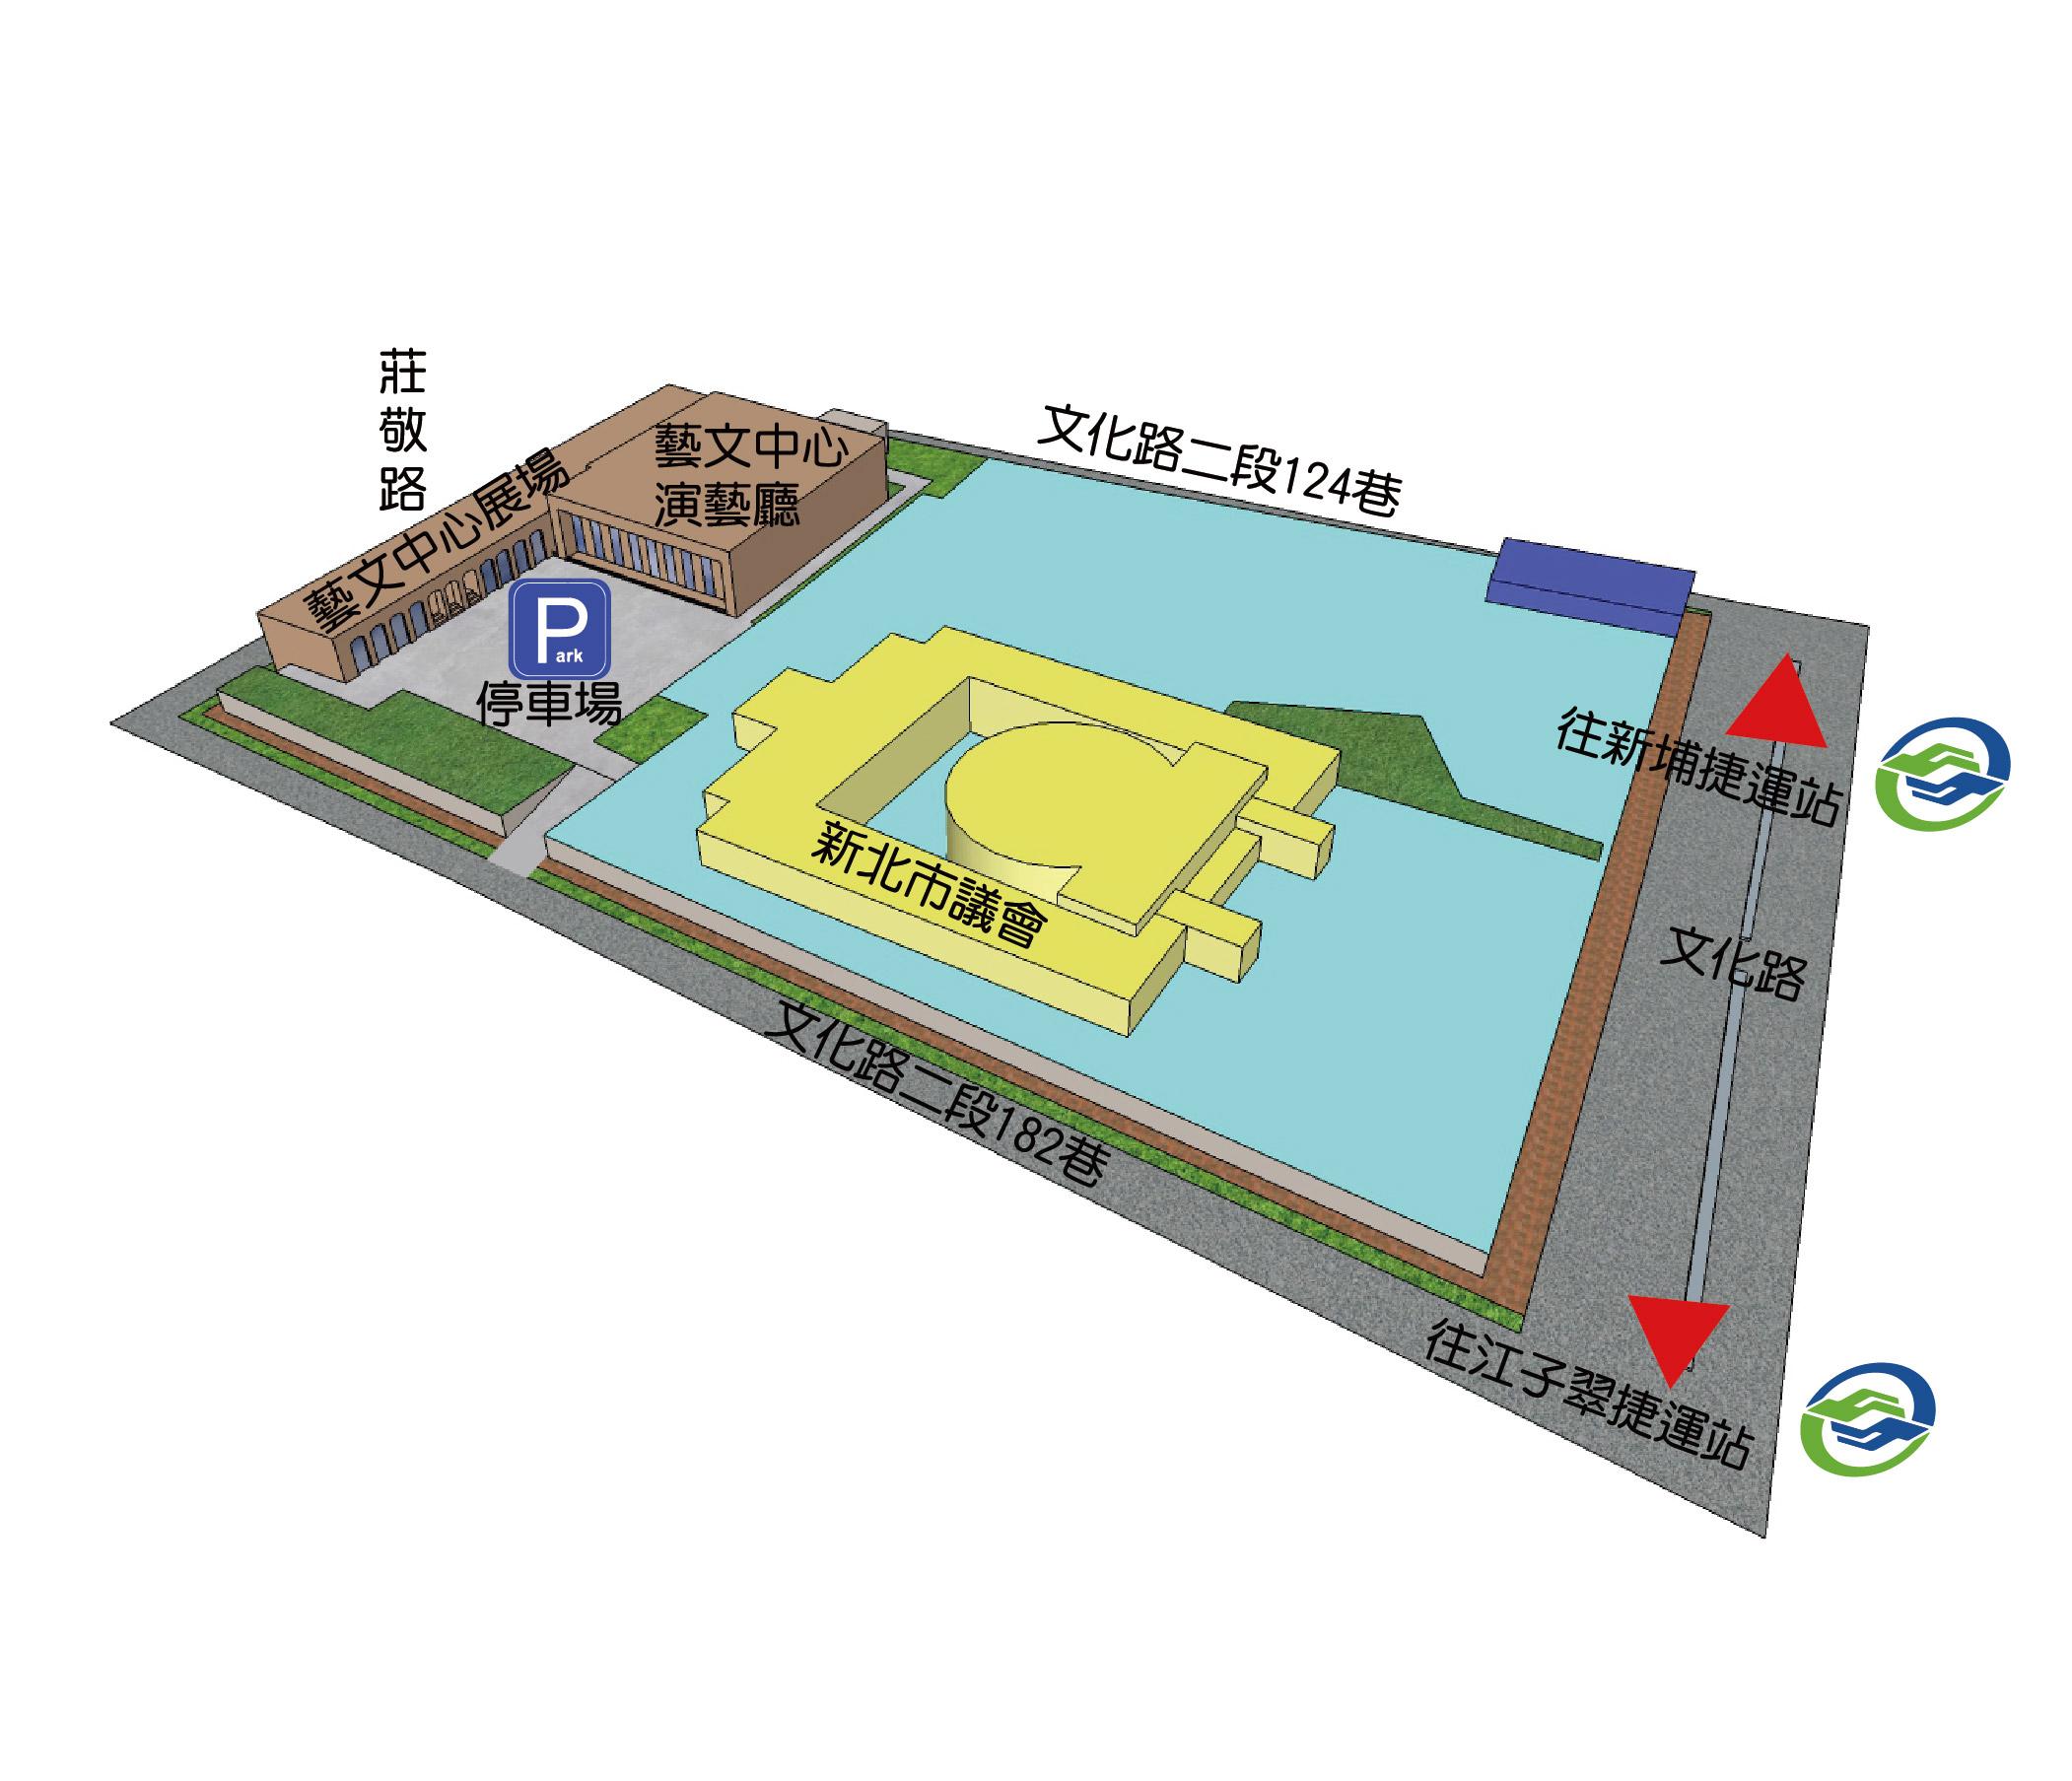 新北市藝文中心位置側視圖